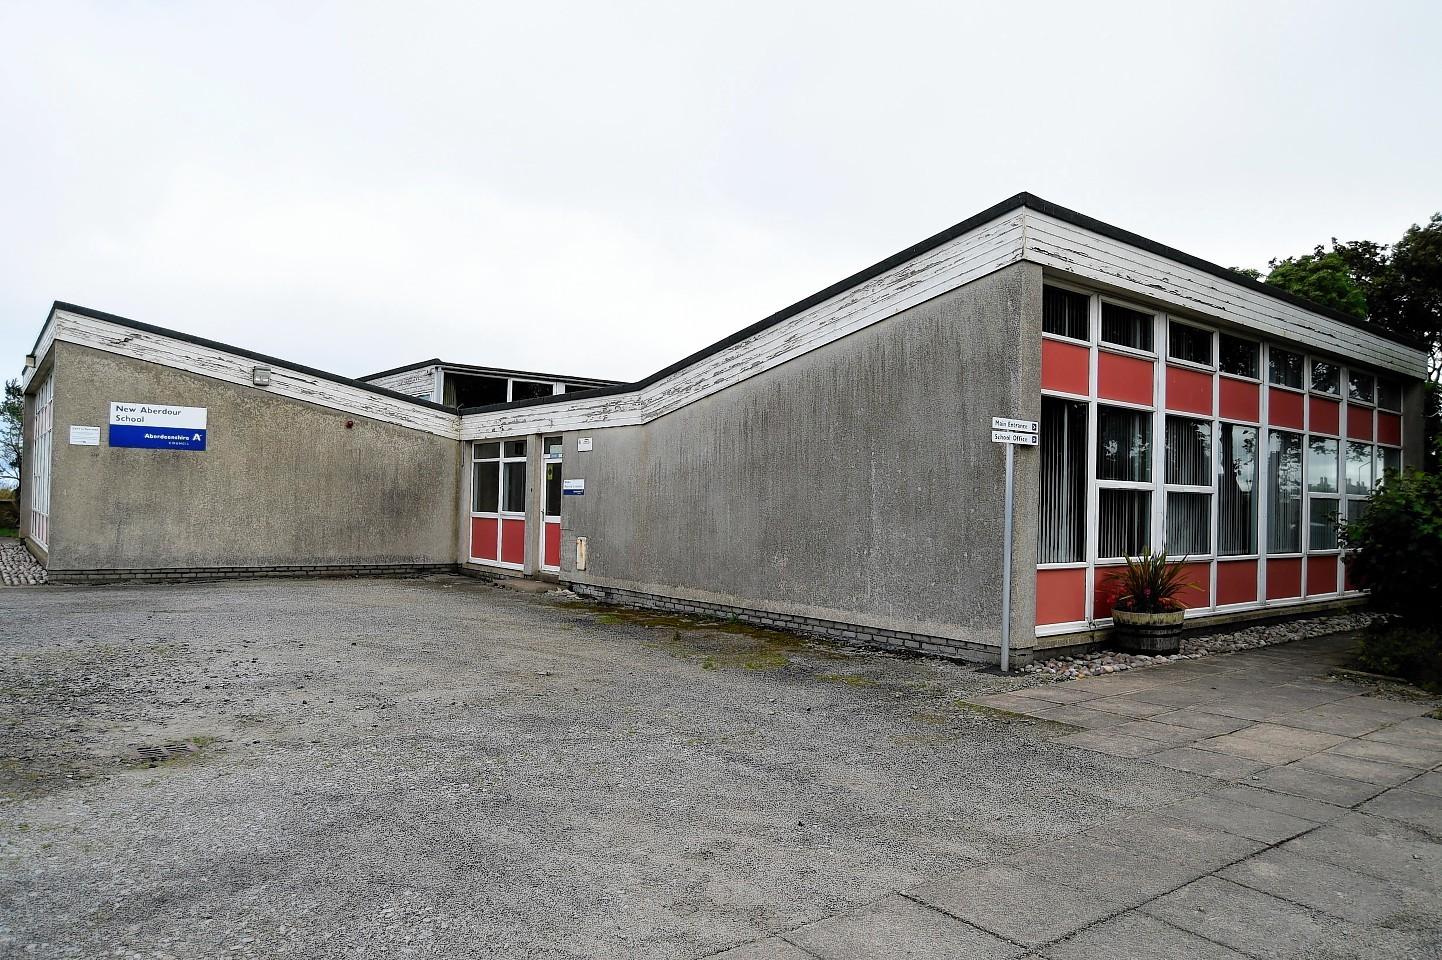 New Aberdour Primary School.